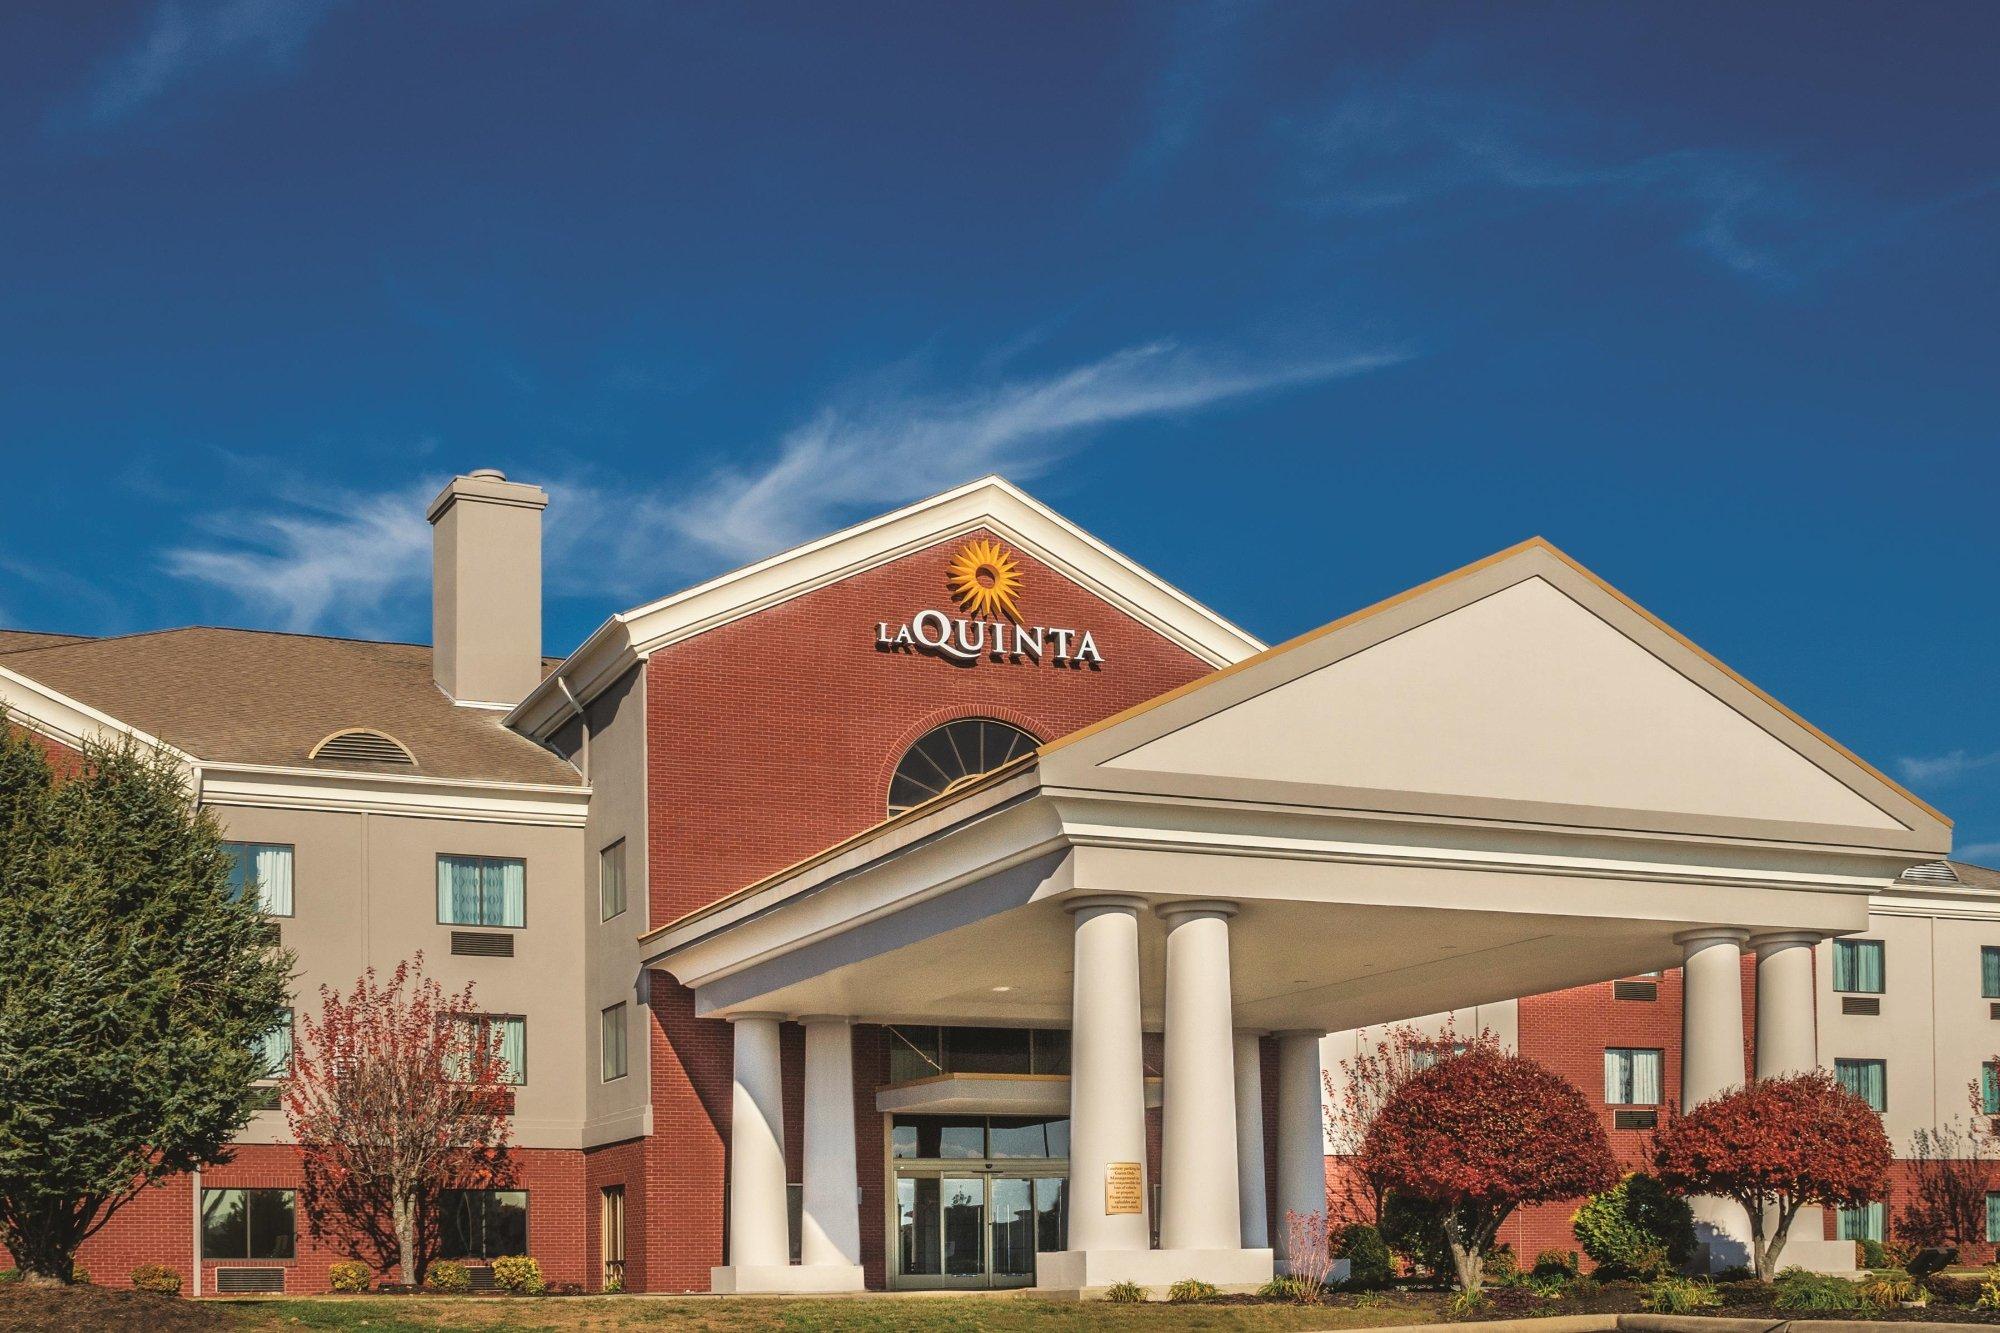 La Quinta Inn & Suites Loudon